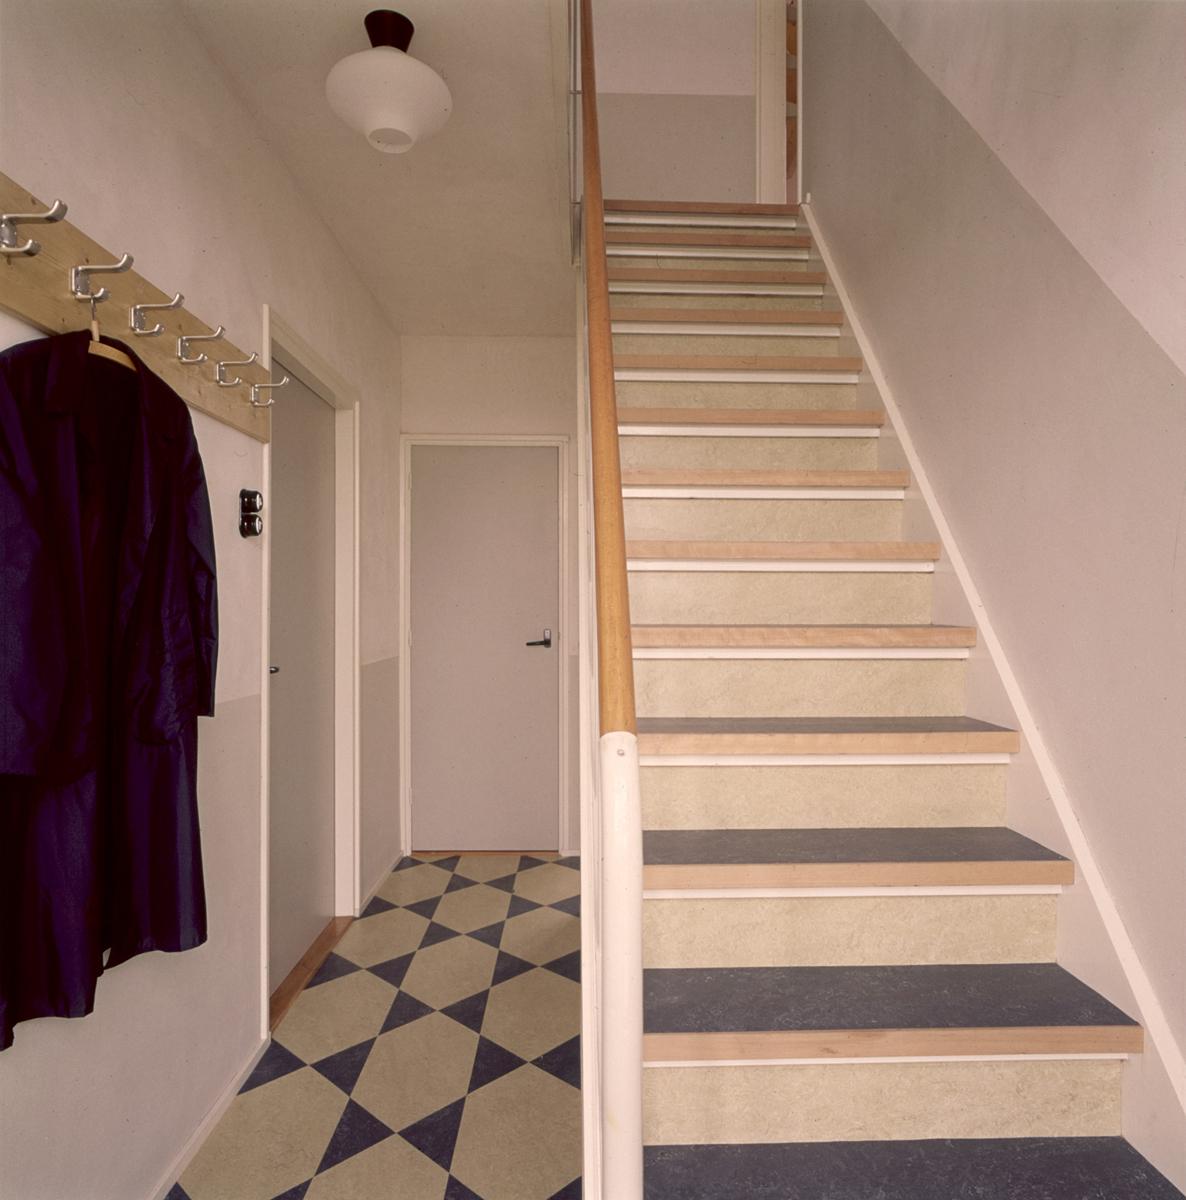 Vloerbedekking in een gang met een vaste trap de traptreden zijn bekleed met marmoleum in de - Gang decoratie met trap ...